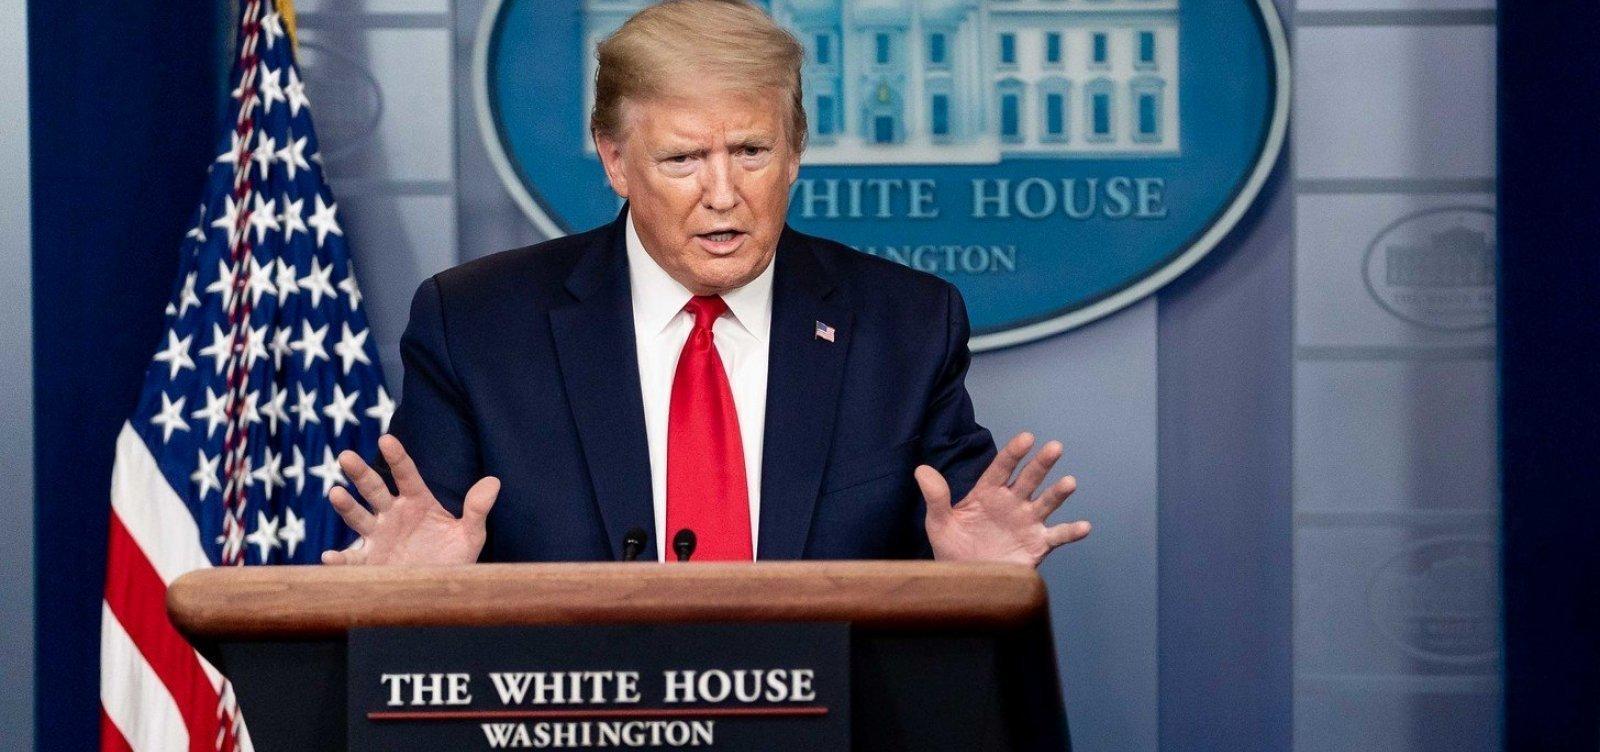 [Coletiva de imprensa de Donald Trump é interrompida após tiroteio nos arredores da Casa Branca]